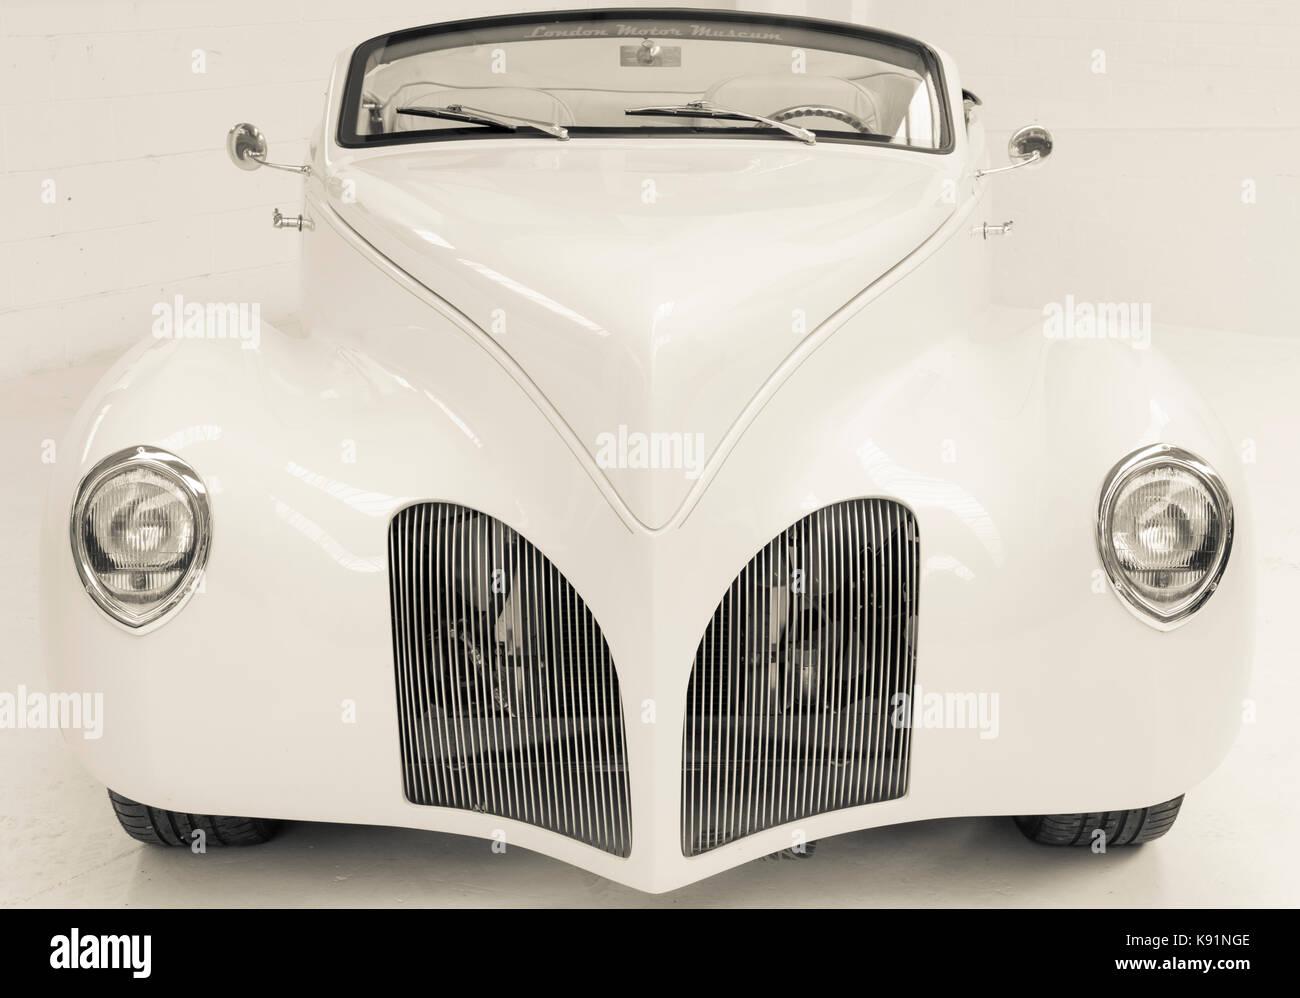 1939 lincoln zephyr custom car chopped white stock photo 160464094 1948 Lincoln Car 1939 lincoln zephyr custom car chopped white